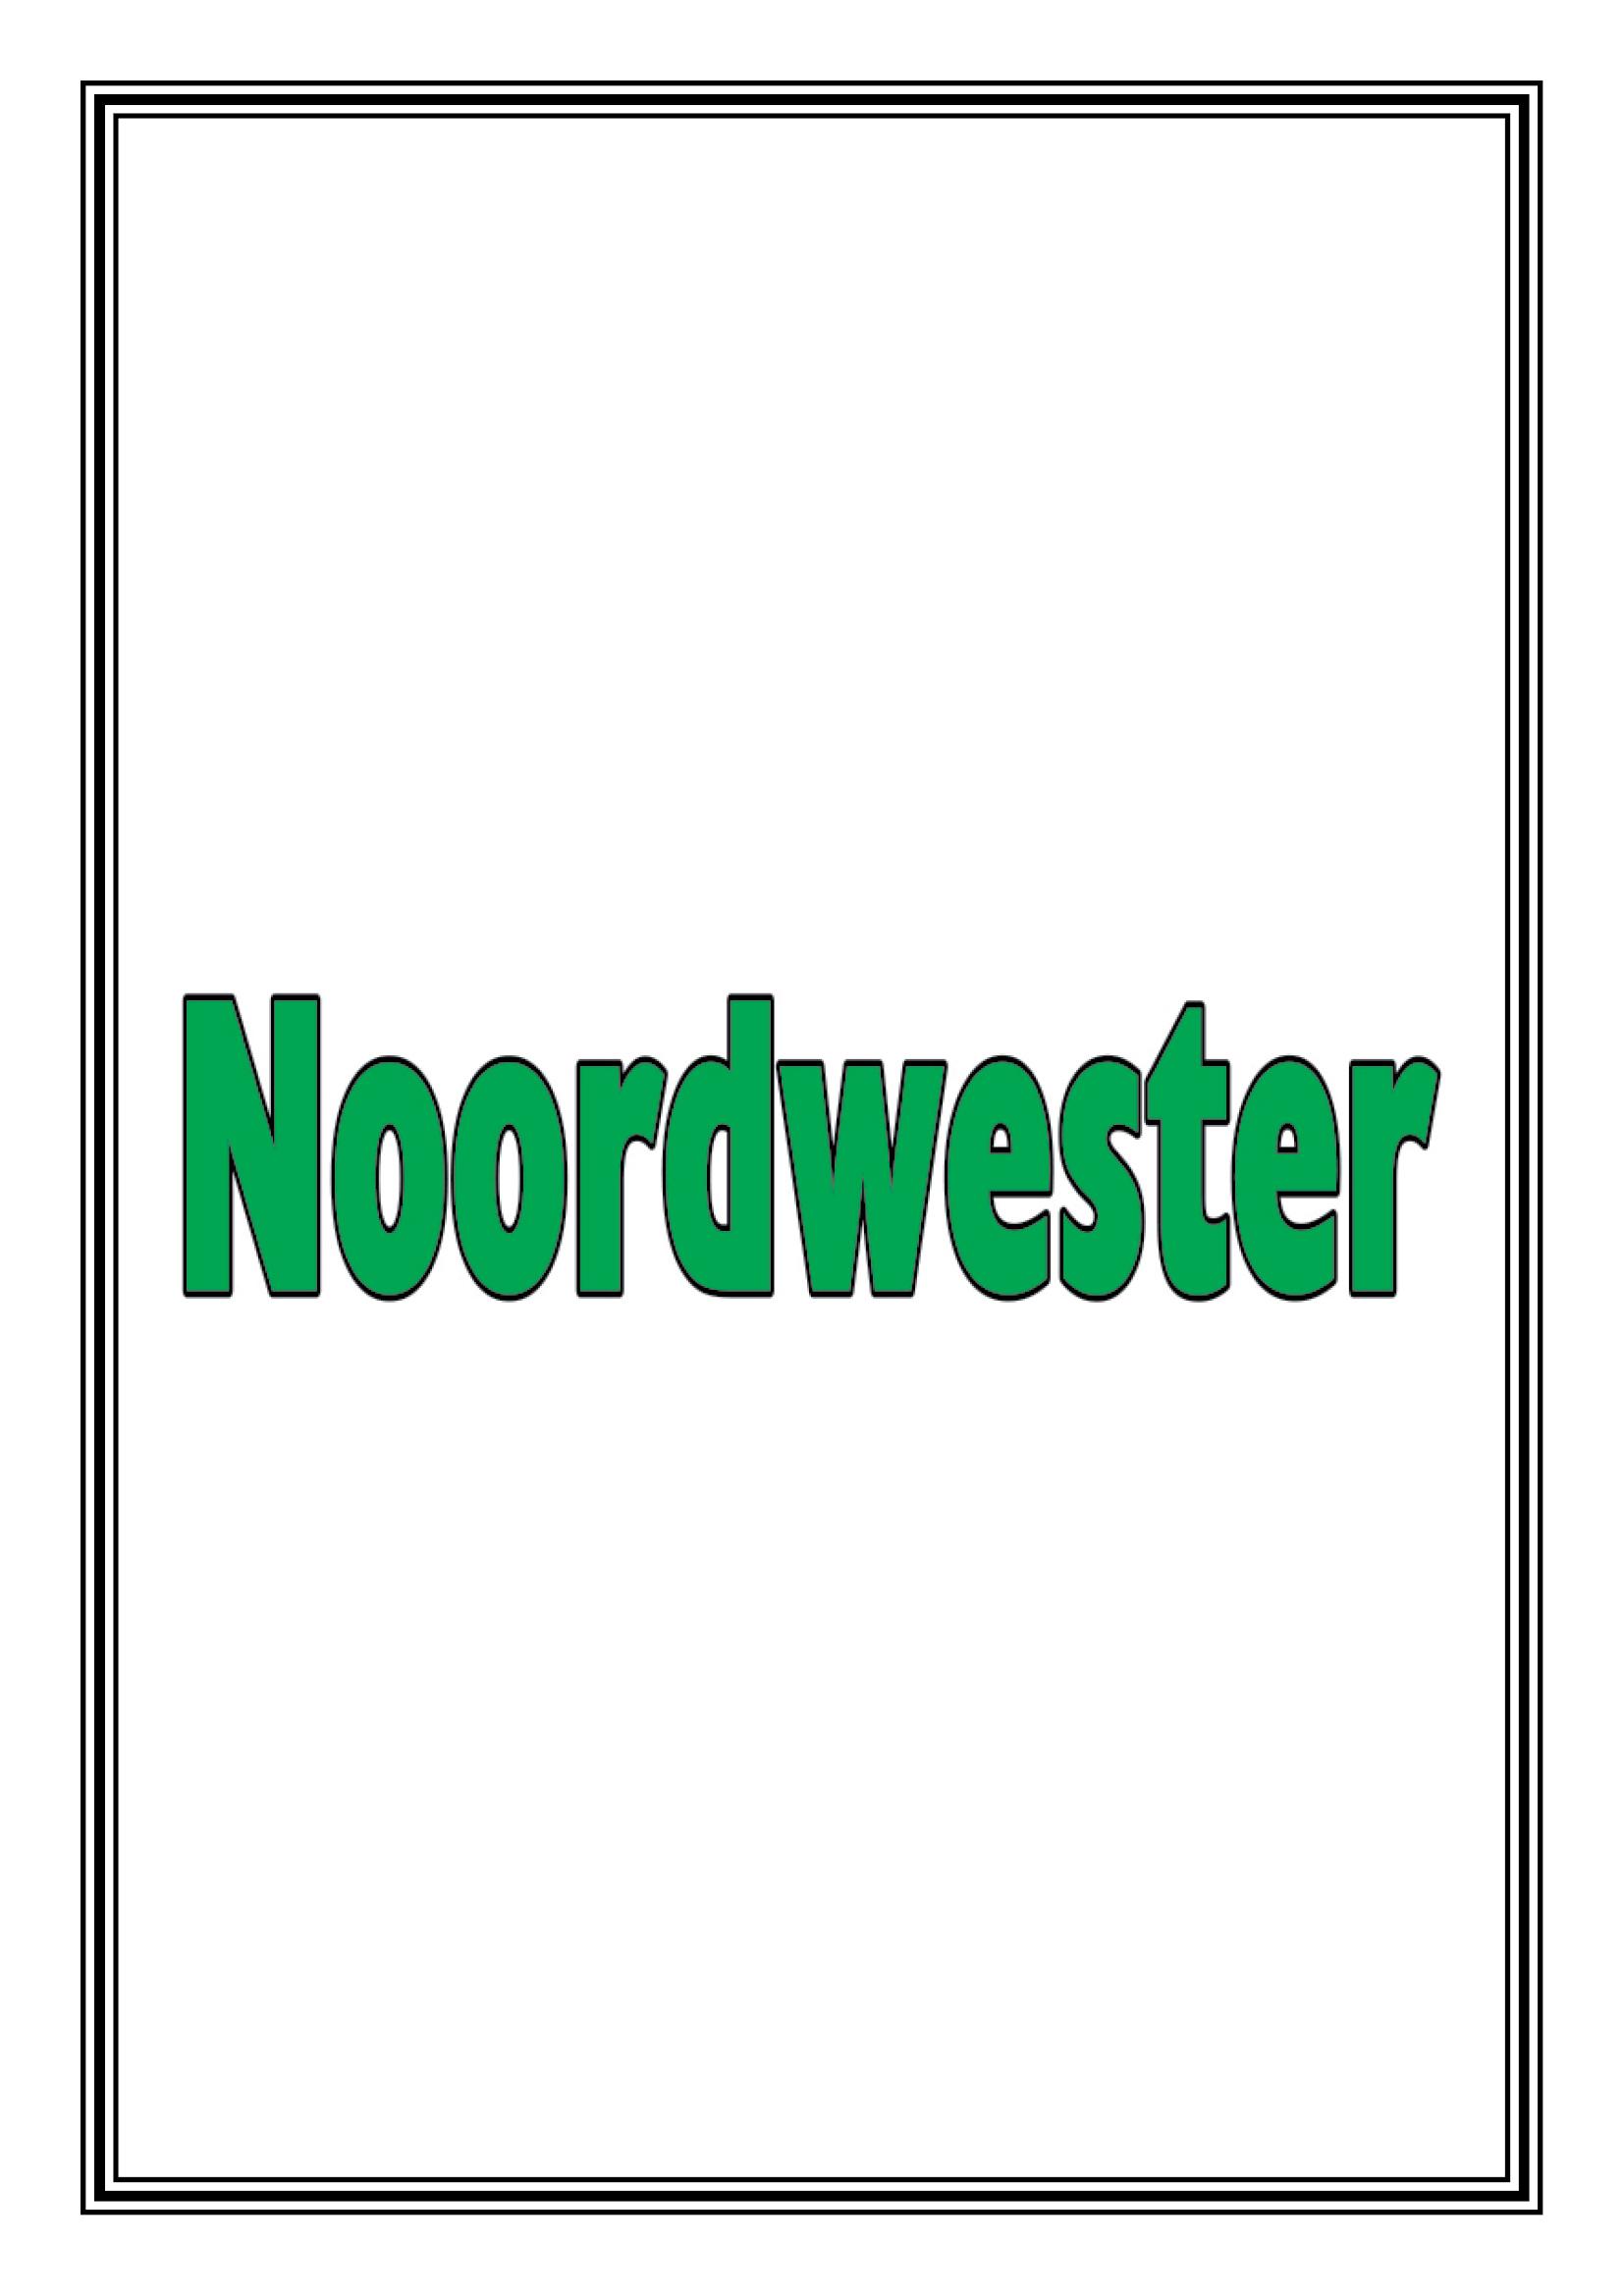 Noordwester